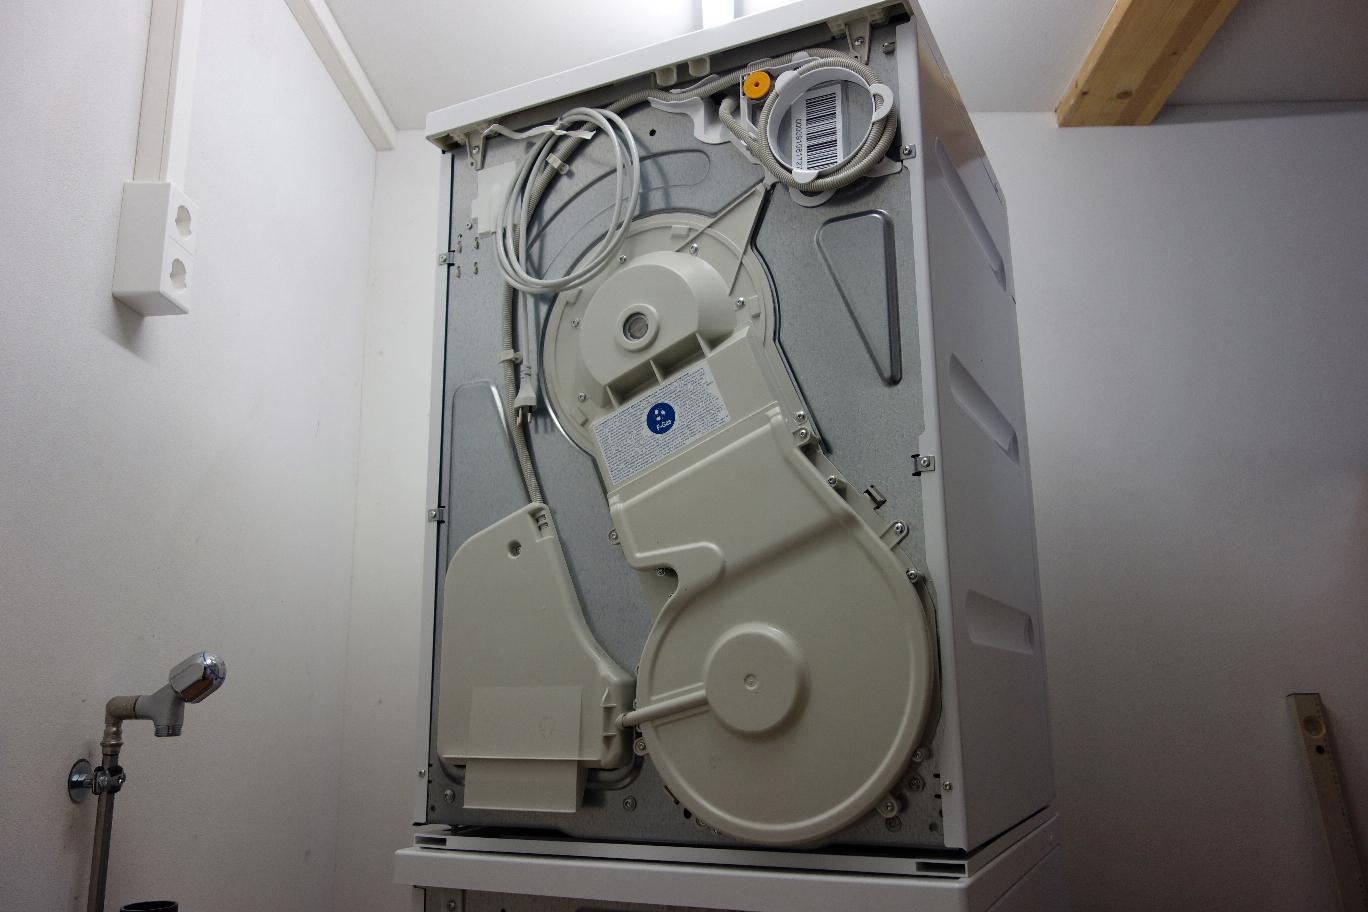 Gut bekannt Waschmaschine und Wäschetrockner anschließen - Elektricks.com DP98